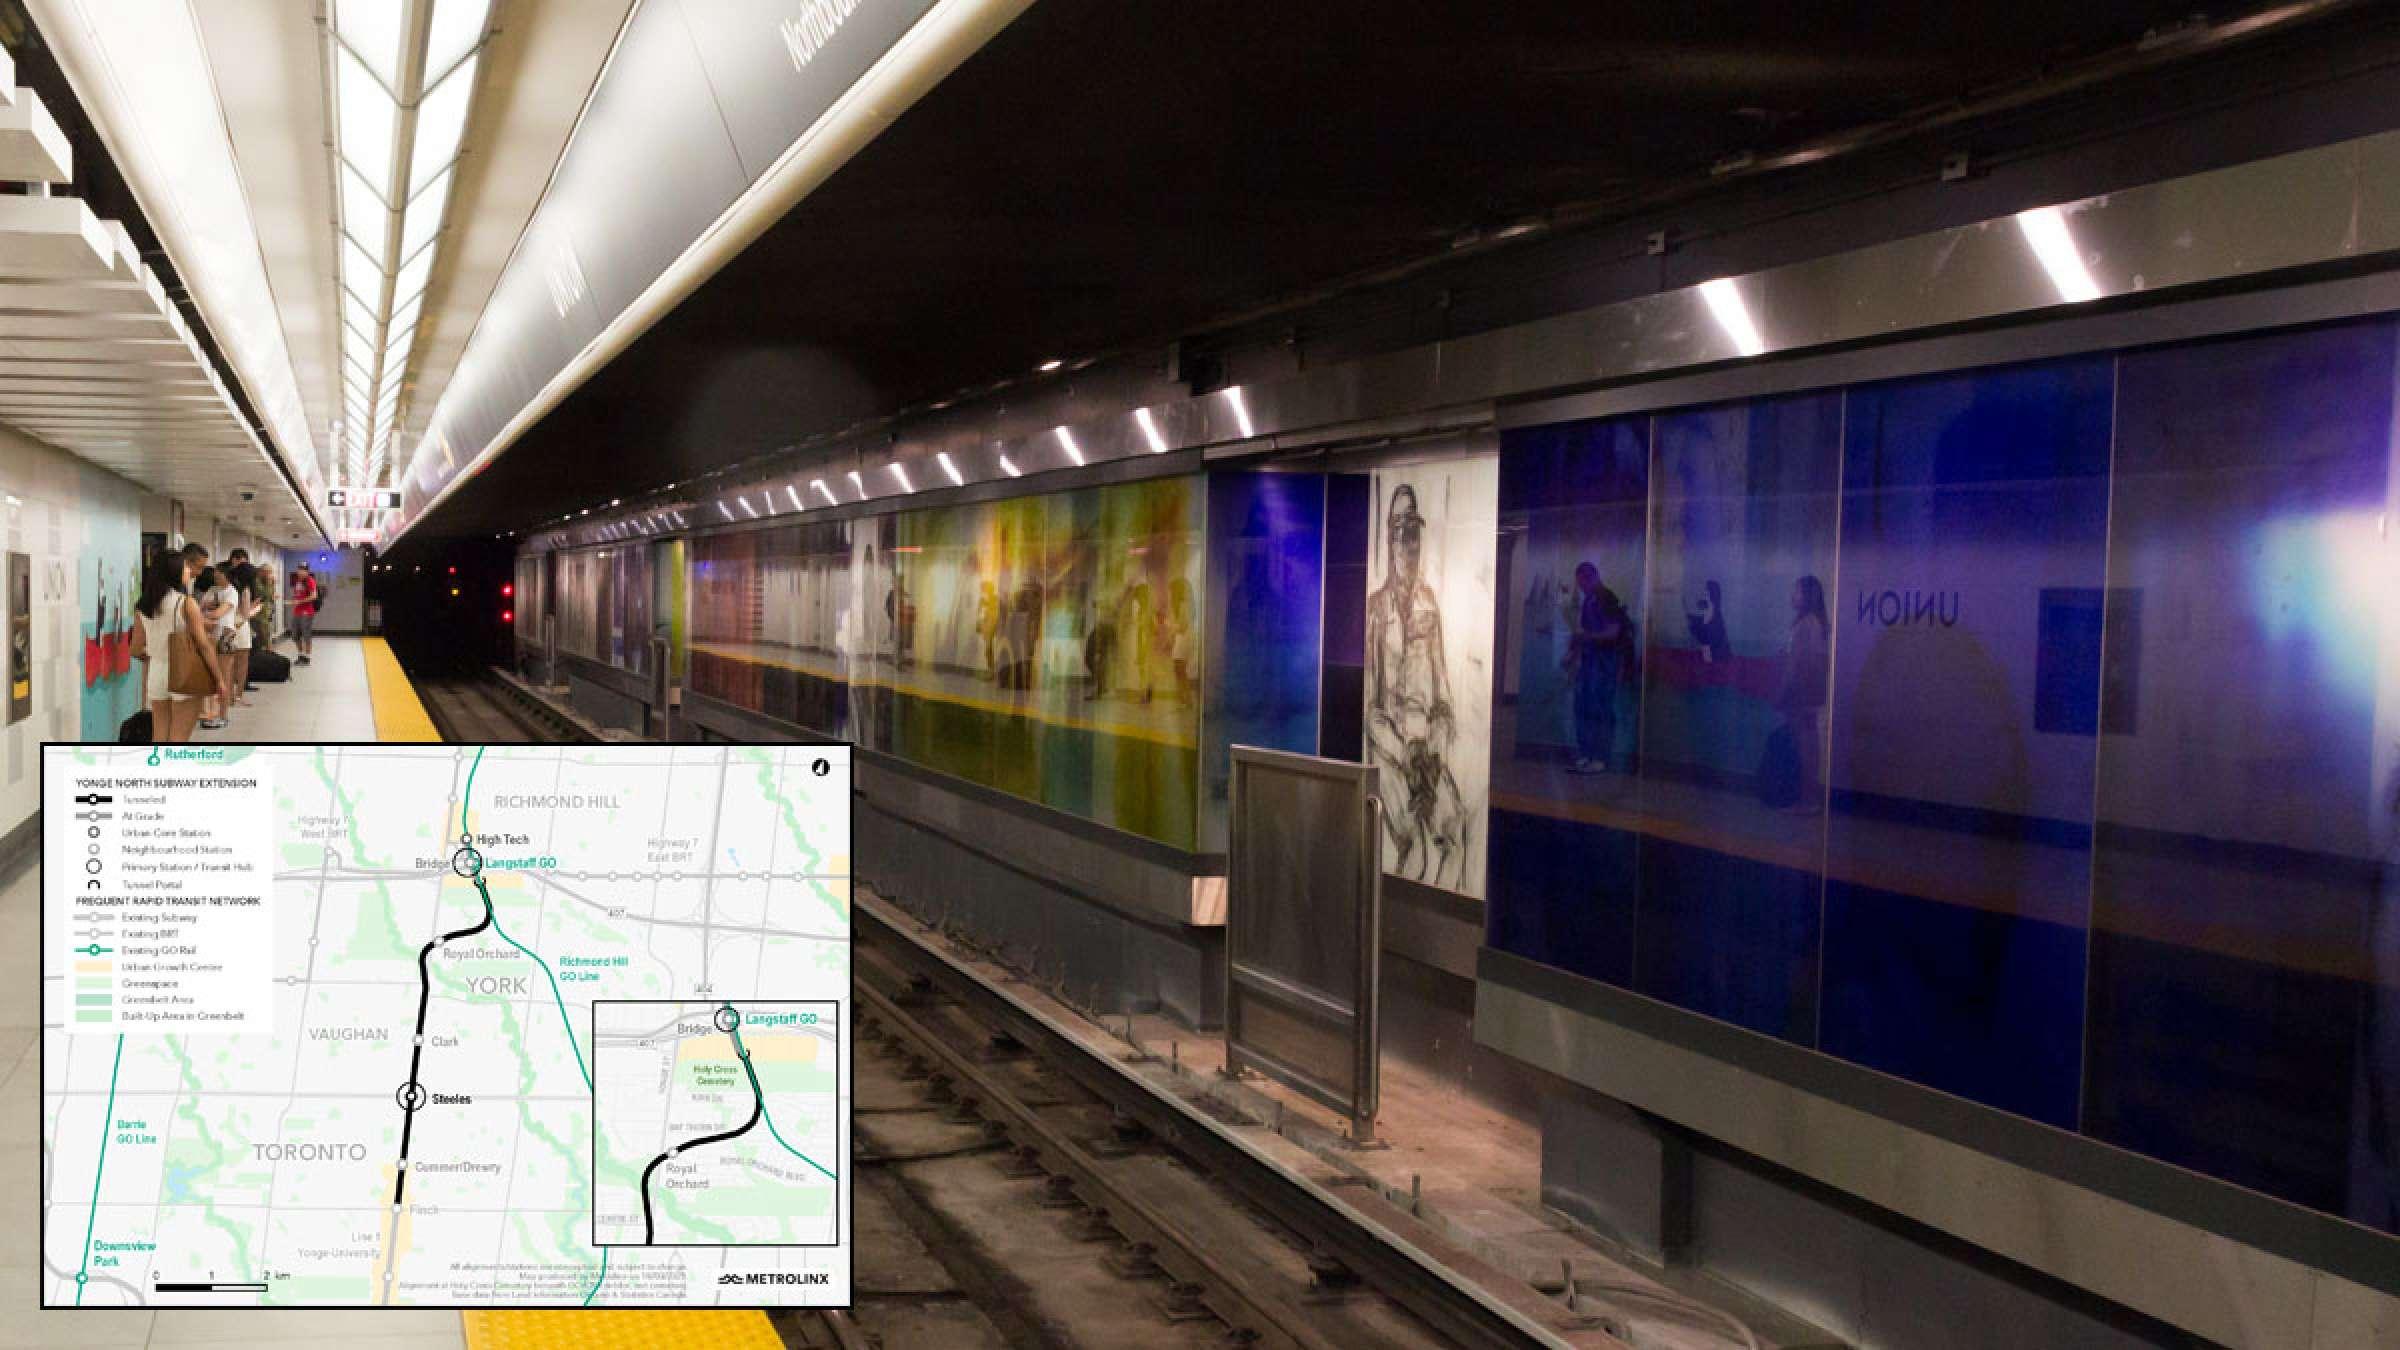 اخبار-تورنتو-انتاریو-یواشکی-خط-مترو-تورنتو-به-منطقه-ایرانی-نشین-ریچموندهیل-را-مختصر-می-کند